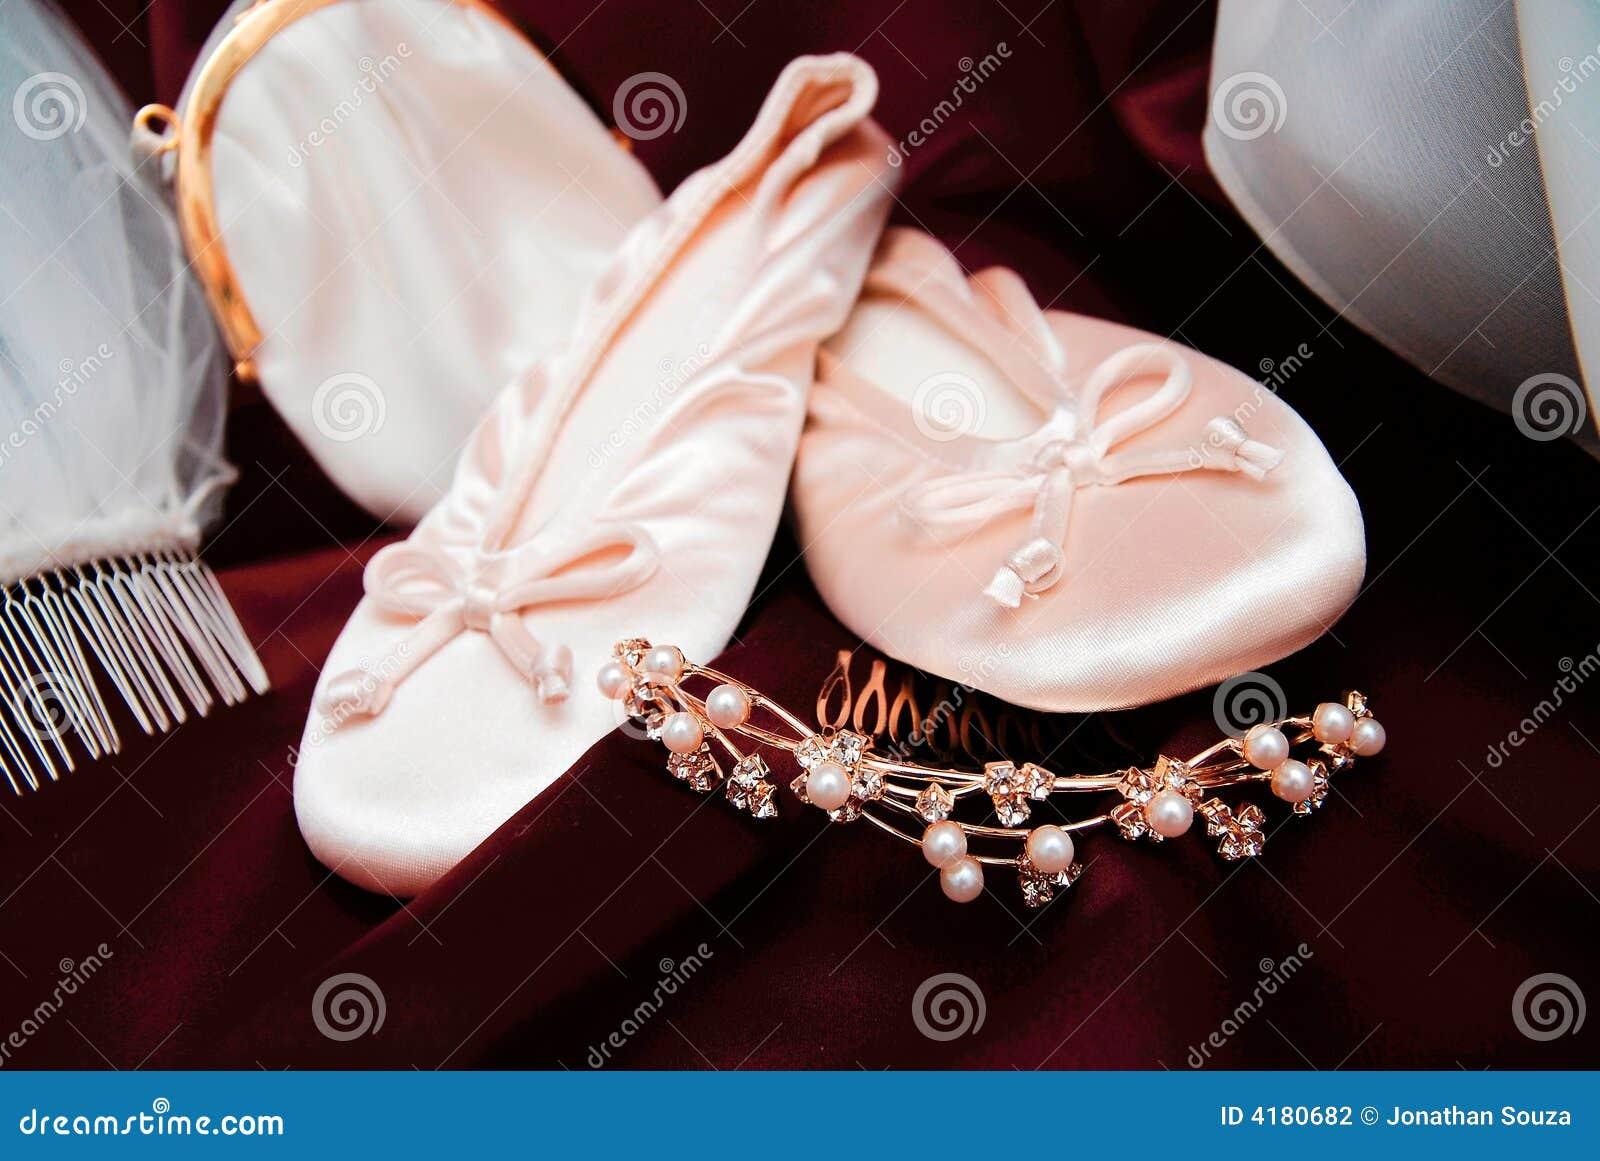 Bride s shoes